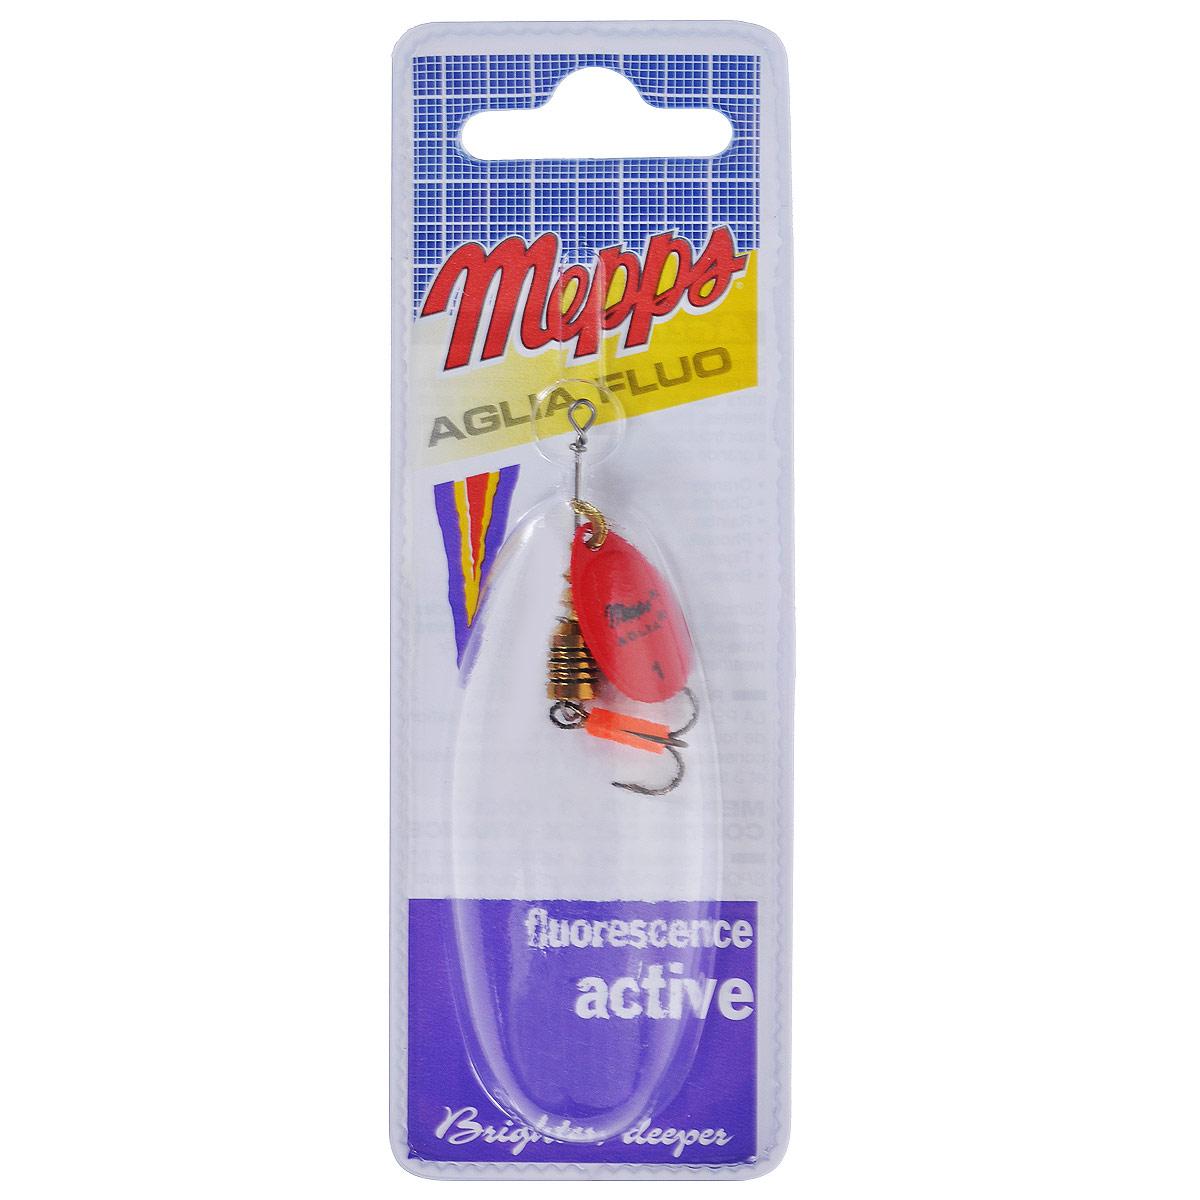 Блесна Mepps Aglia Fluo Rouge, вращающаяся, №1PGPS7797CIS08GBNVВращающаяся блесна Mepps Aglia Fluo Rouge выполнена в виде лепестка красного матового окраса, дающего преимущество при ловле рыбы в темное время суток, на большой глубине и в мутной воде. Такая блесна отлично видна даже при освещении ультрафиолетовыми лучами, доходящими до самых больших глубин. Стимулированная ультрафиолетом, она продолжает еще долго светиться.